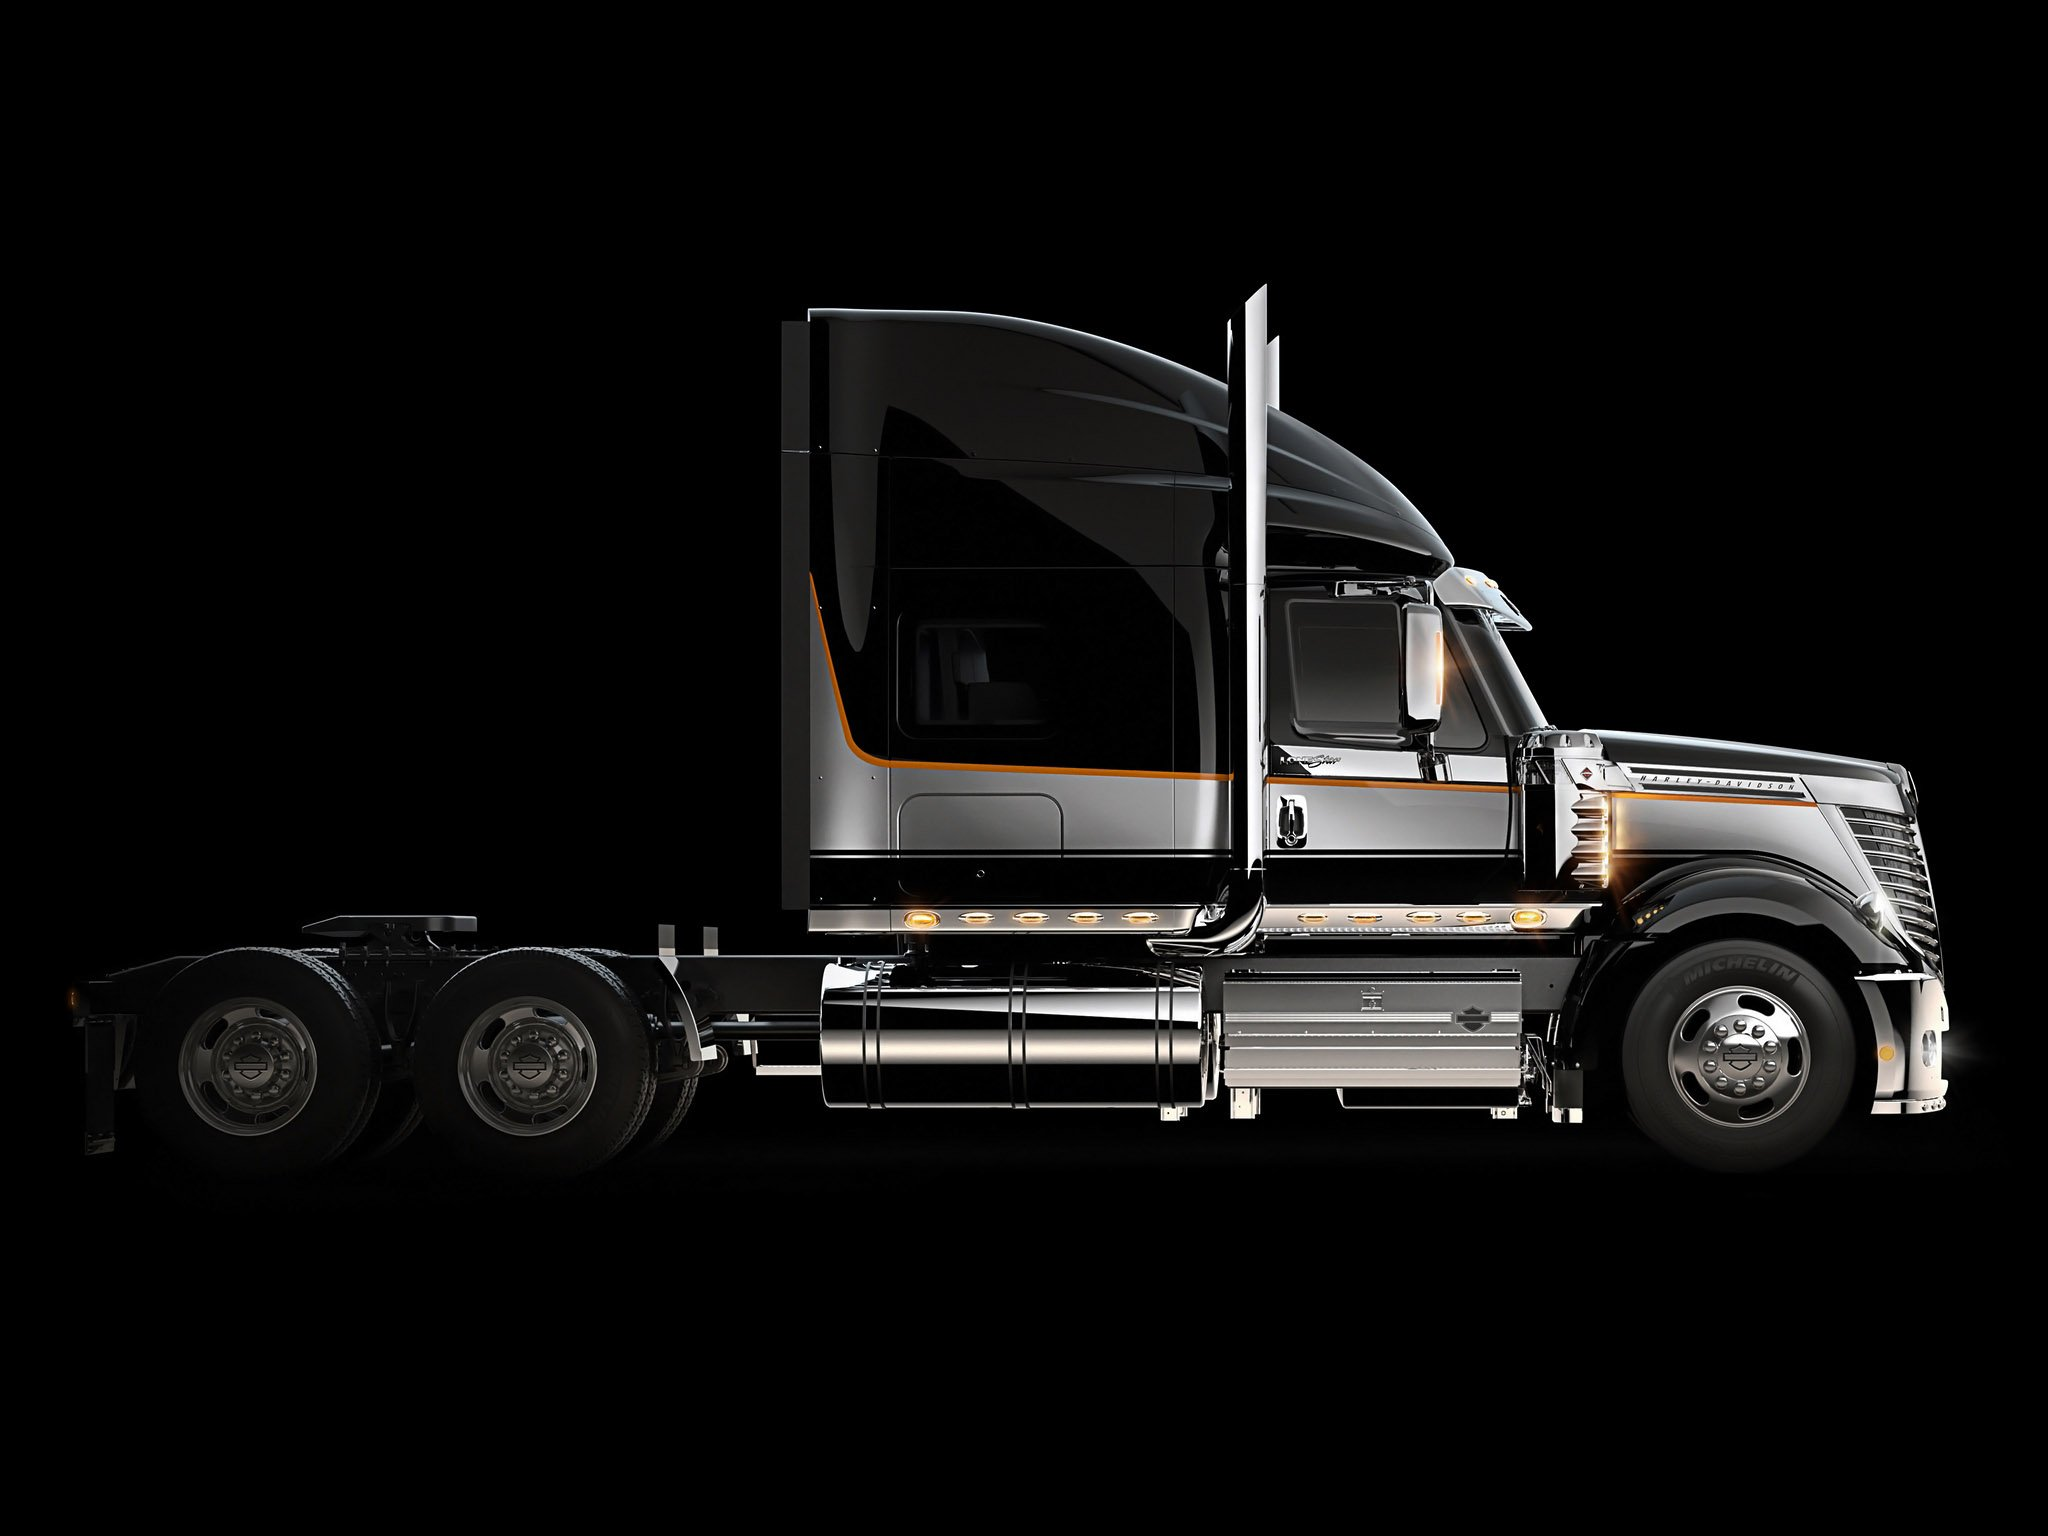 Semi Truck Wallpaper Background - WallpaperSafari